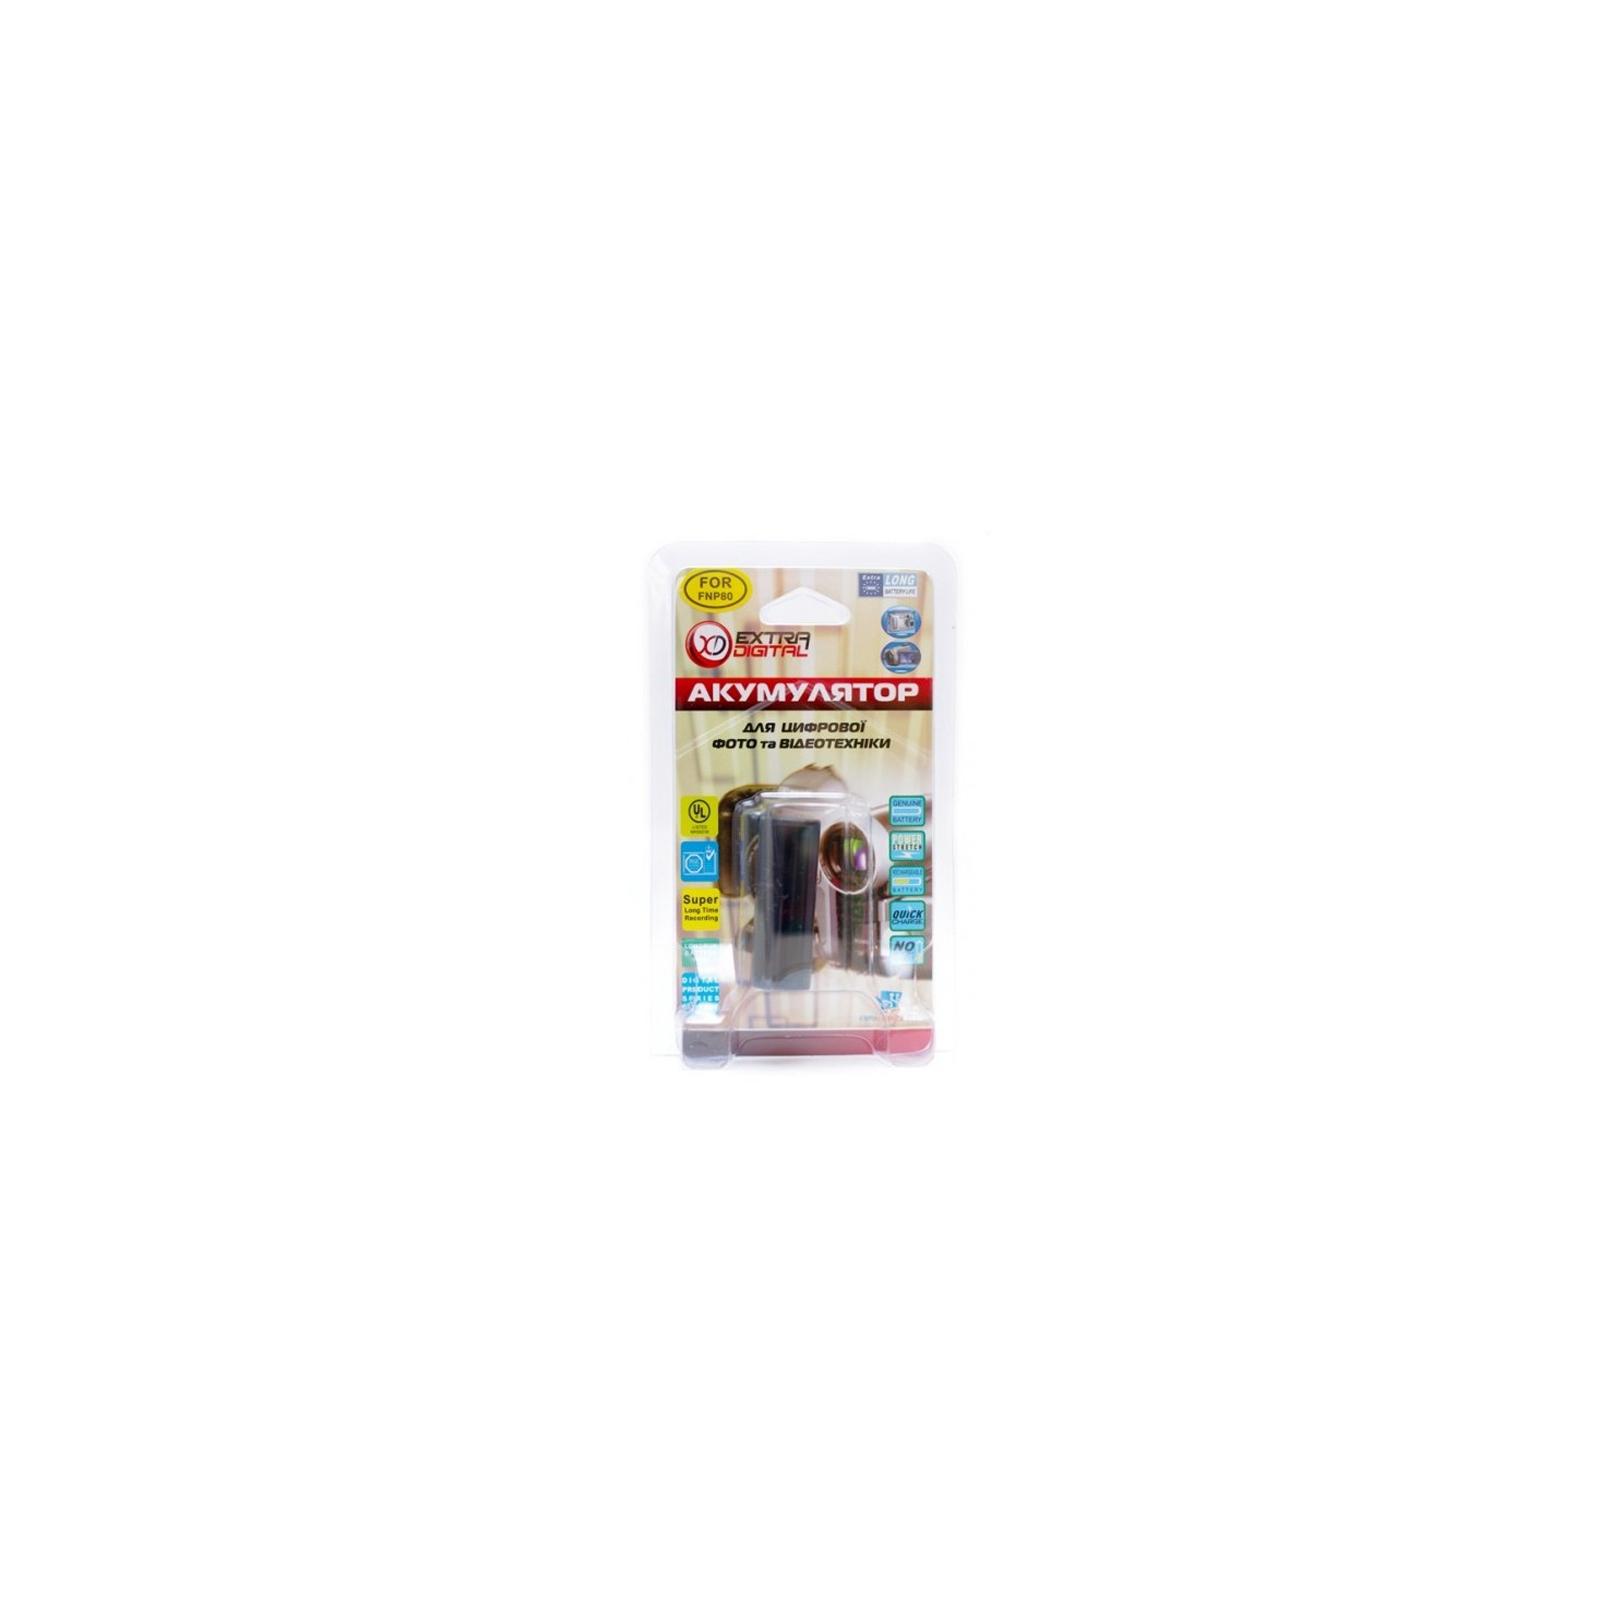 Аккумулятор к фото/видео EXTRADIGITAL Fuji NP-80 (DV00DV1048) изображение 3